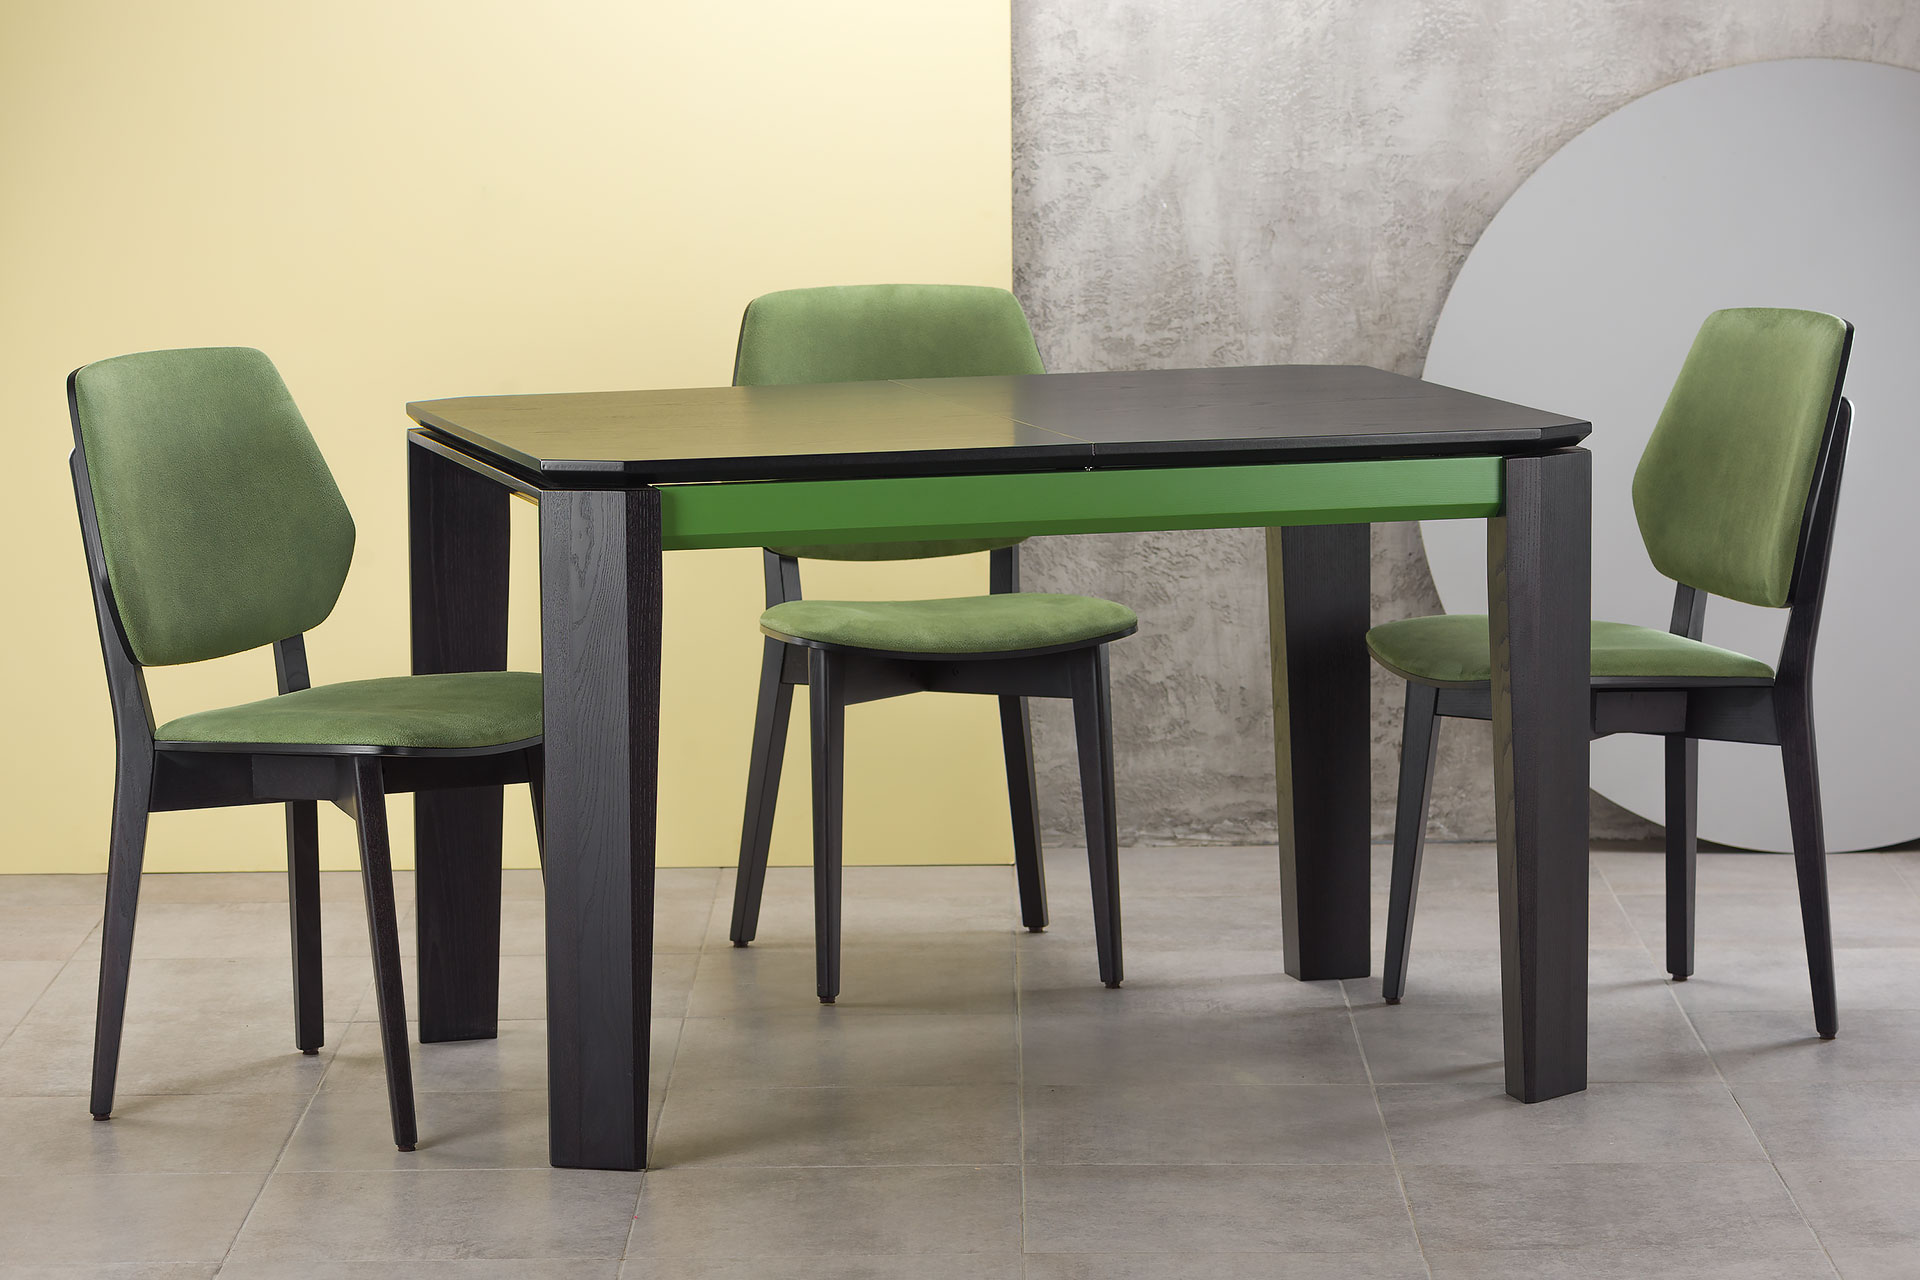 """Кухонный комплект: раскладной стол """"Варгас"""" черно-зеленый (столешница шпонированная) + 3 стула 03В, черный каркас с зеленой мягкой спинкой и сиденьем со штучной замши"""